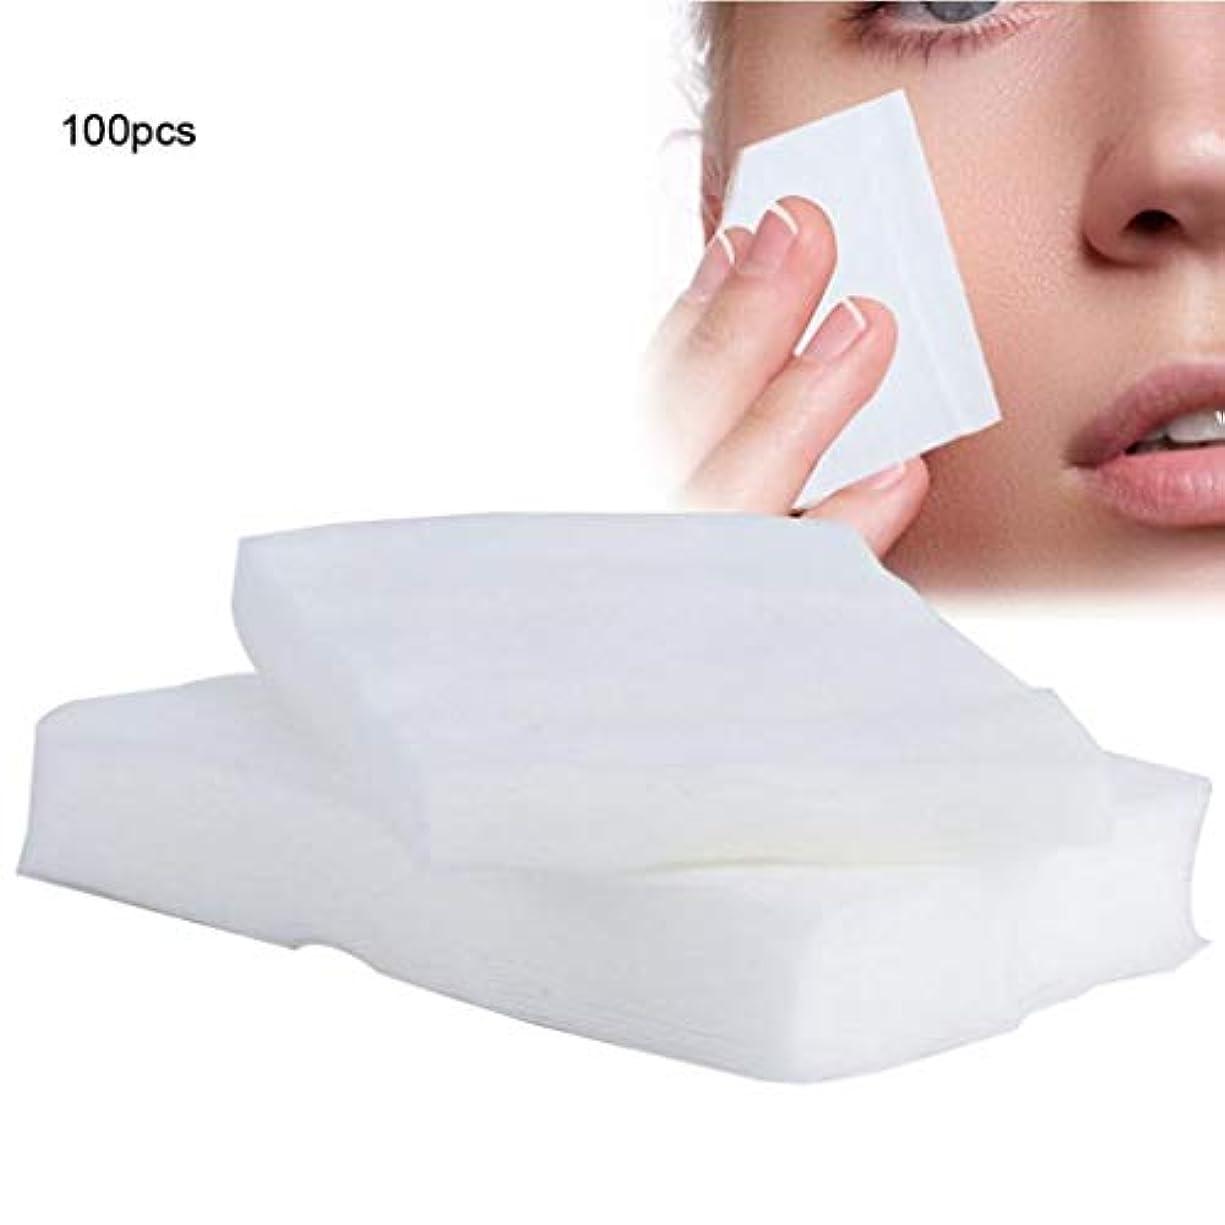 常習者光沢ロールクレンジングシート 100ピース化粧コットンパッド使い捨て化粧品リムーバーソフトフェイシャルクレンジングワイプペーパータオルメイクアップリムーバーワイプ (Color : White, サイズ : 6*7cm)